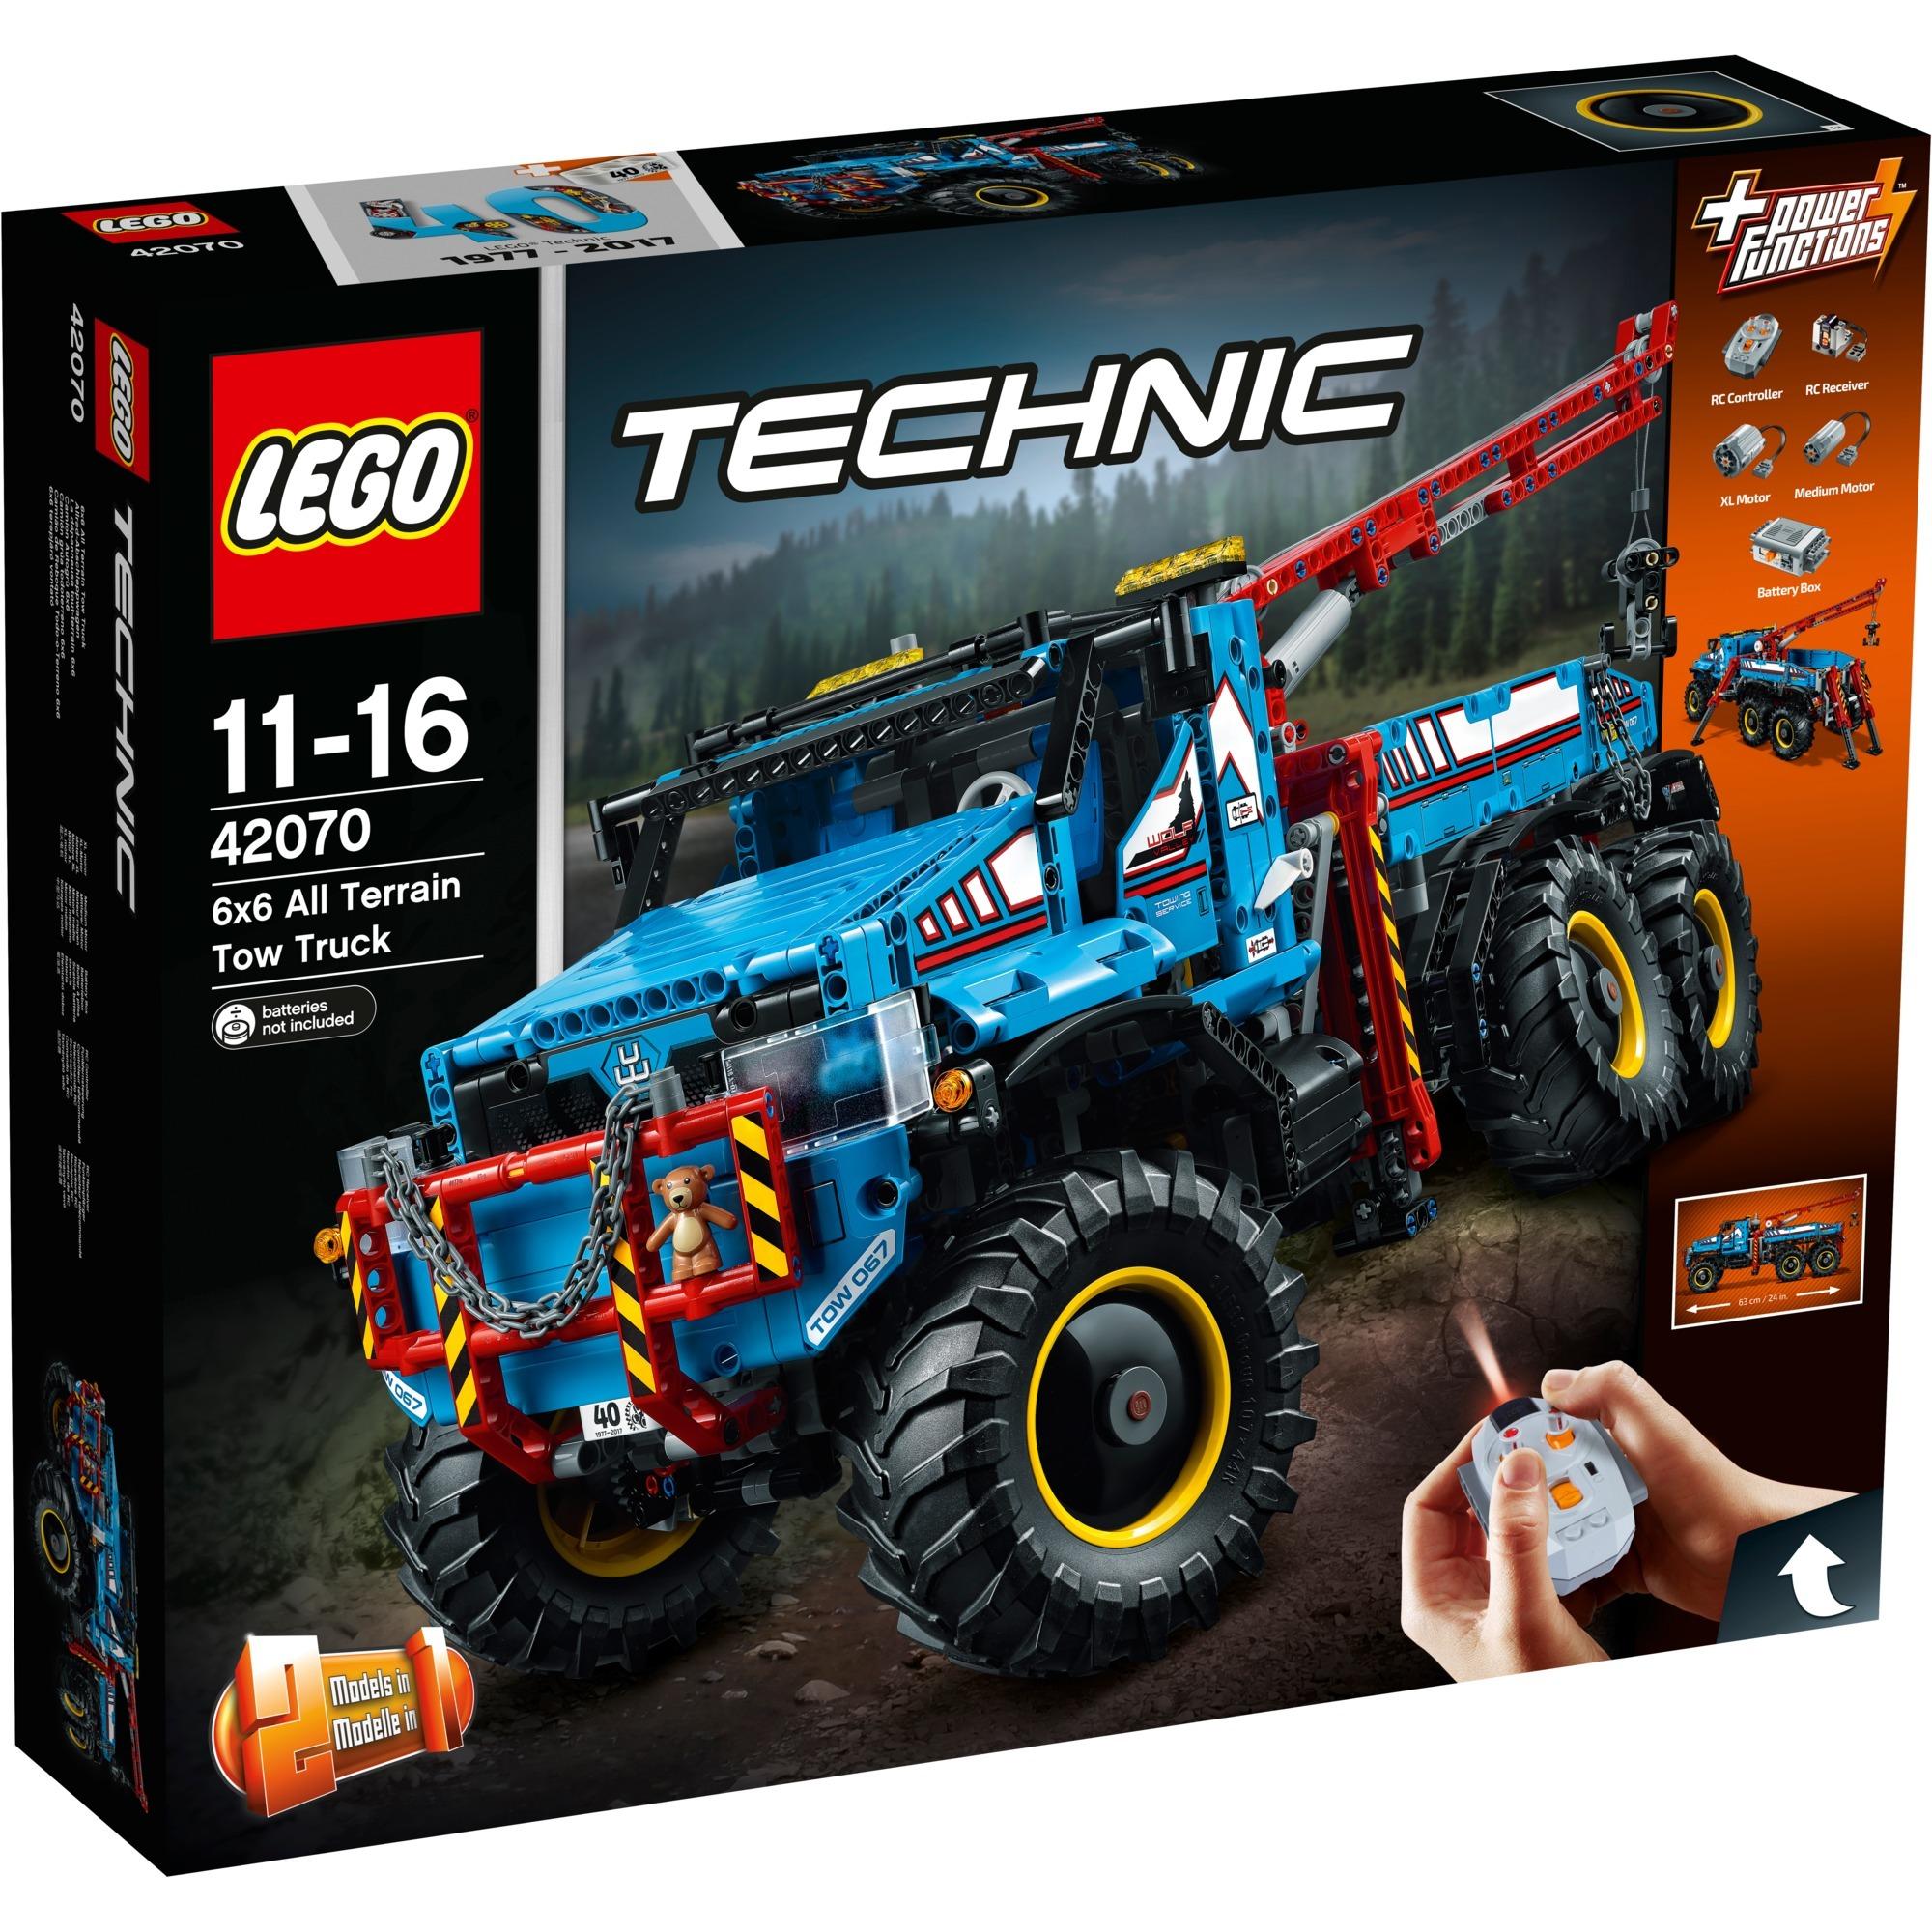 Dépanneuse Technic La Terrain Construction42070 De Tout 6x6Jouets ZNn0wkX8OP